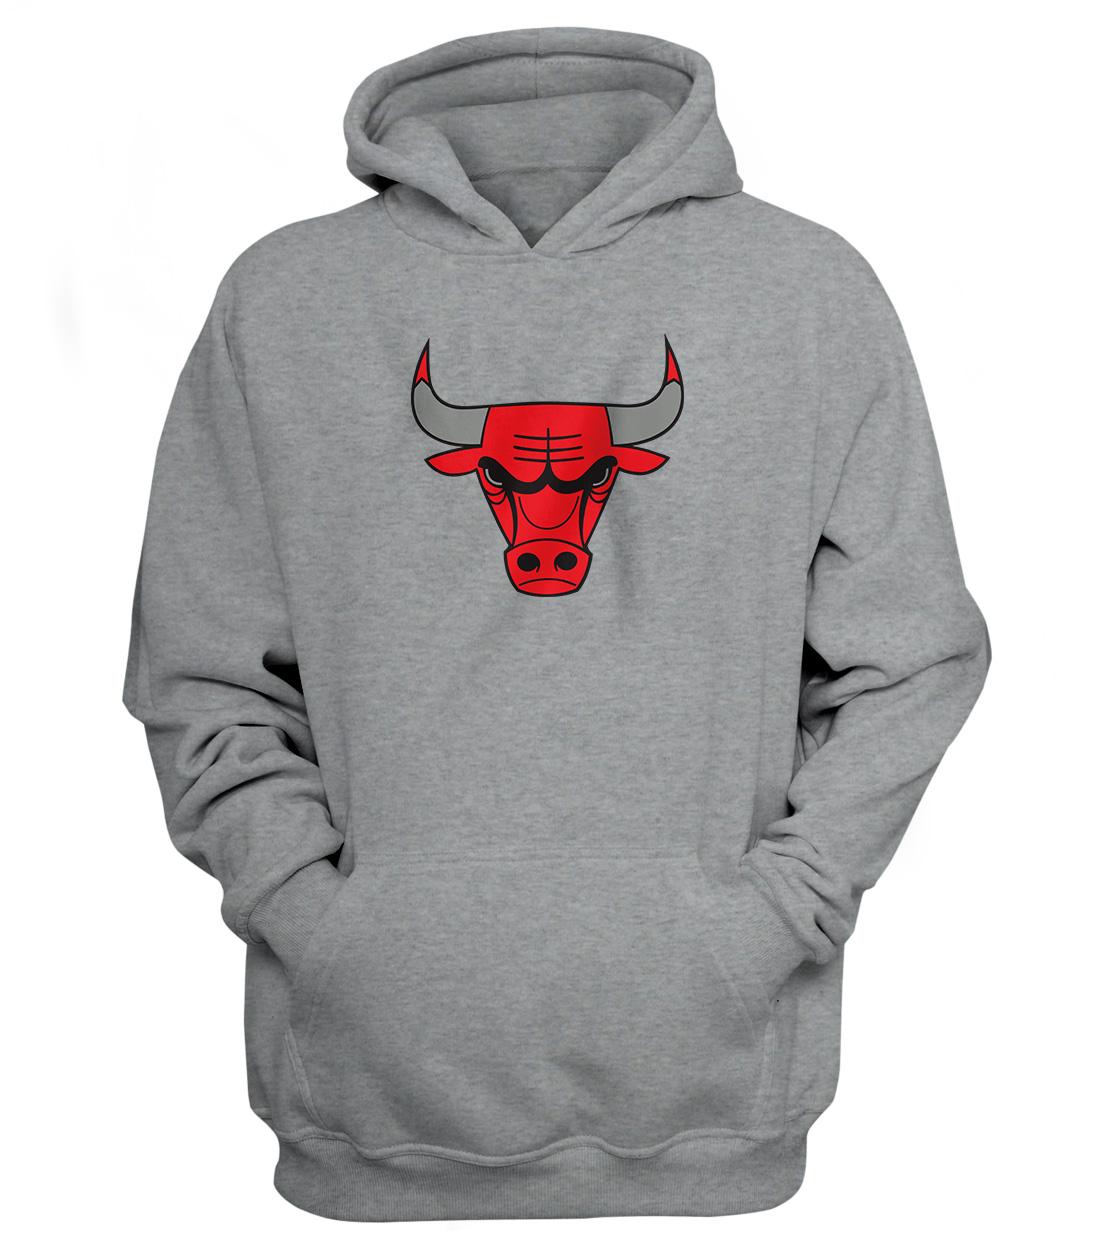 Chicago Bulls Hoodie (HD-GRY-NP-46-NBA-CHİ-LOGO)